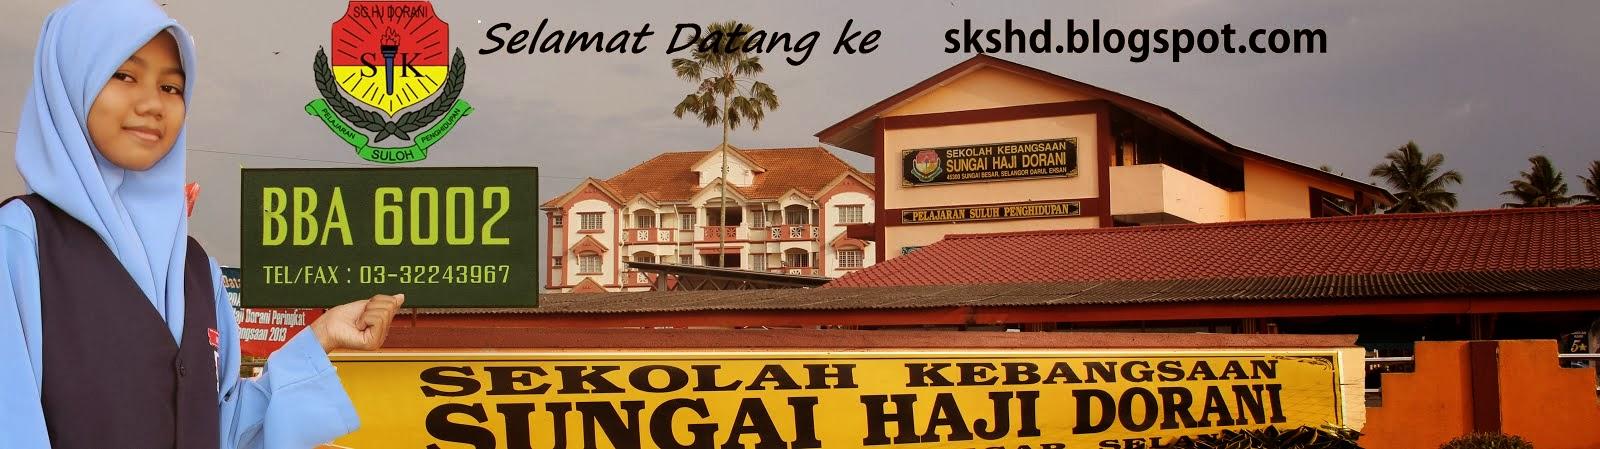 skshd.blogspot.com